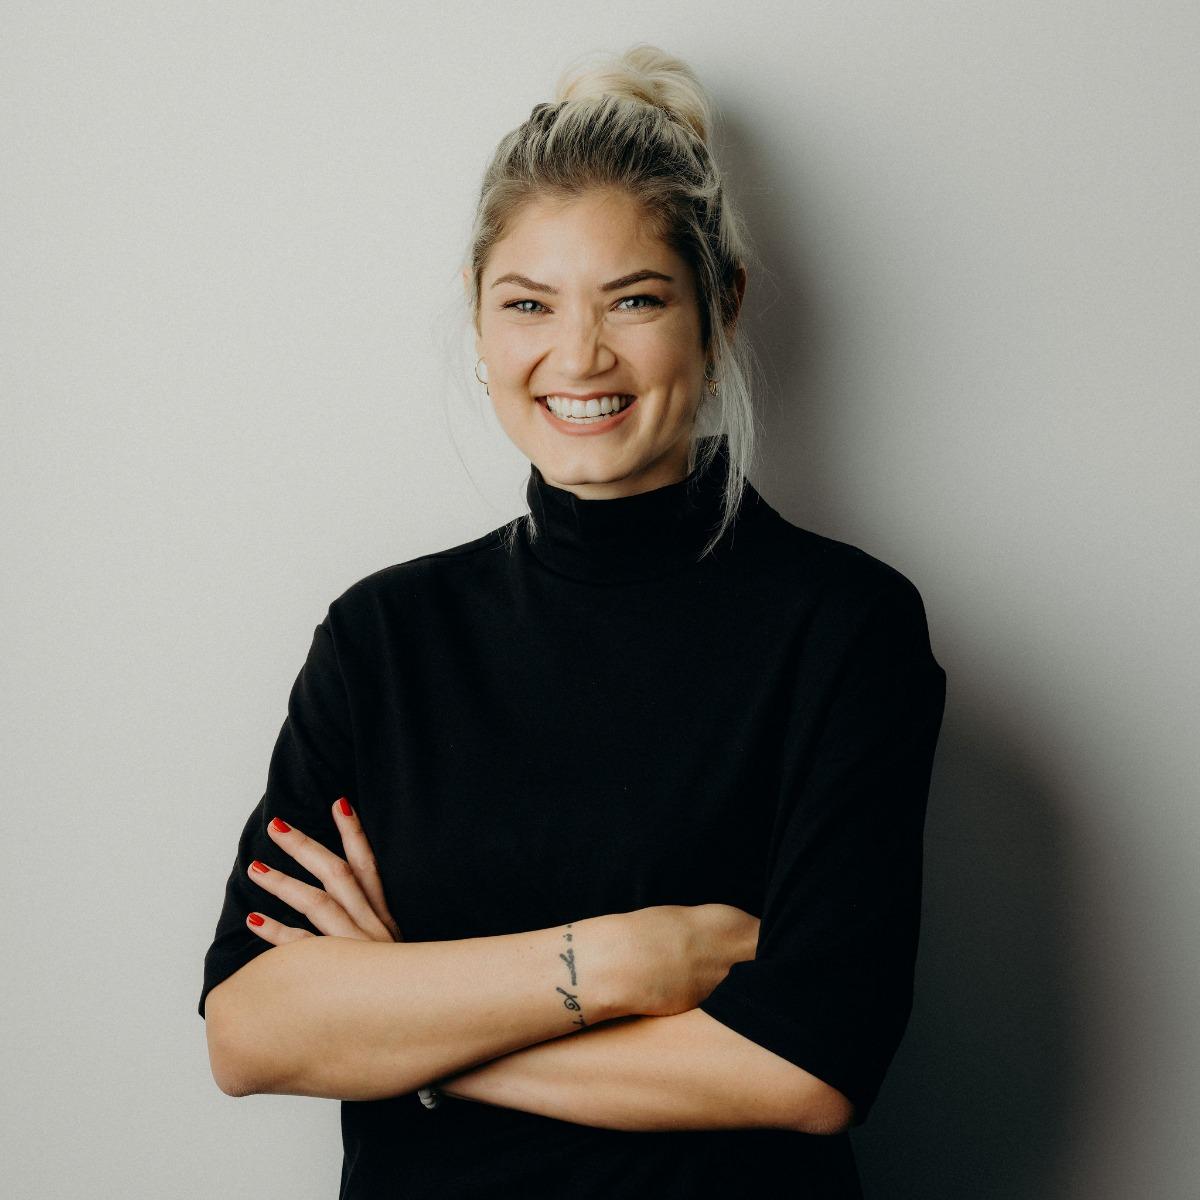 Sophia Mitov